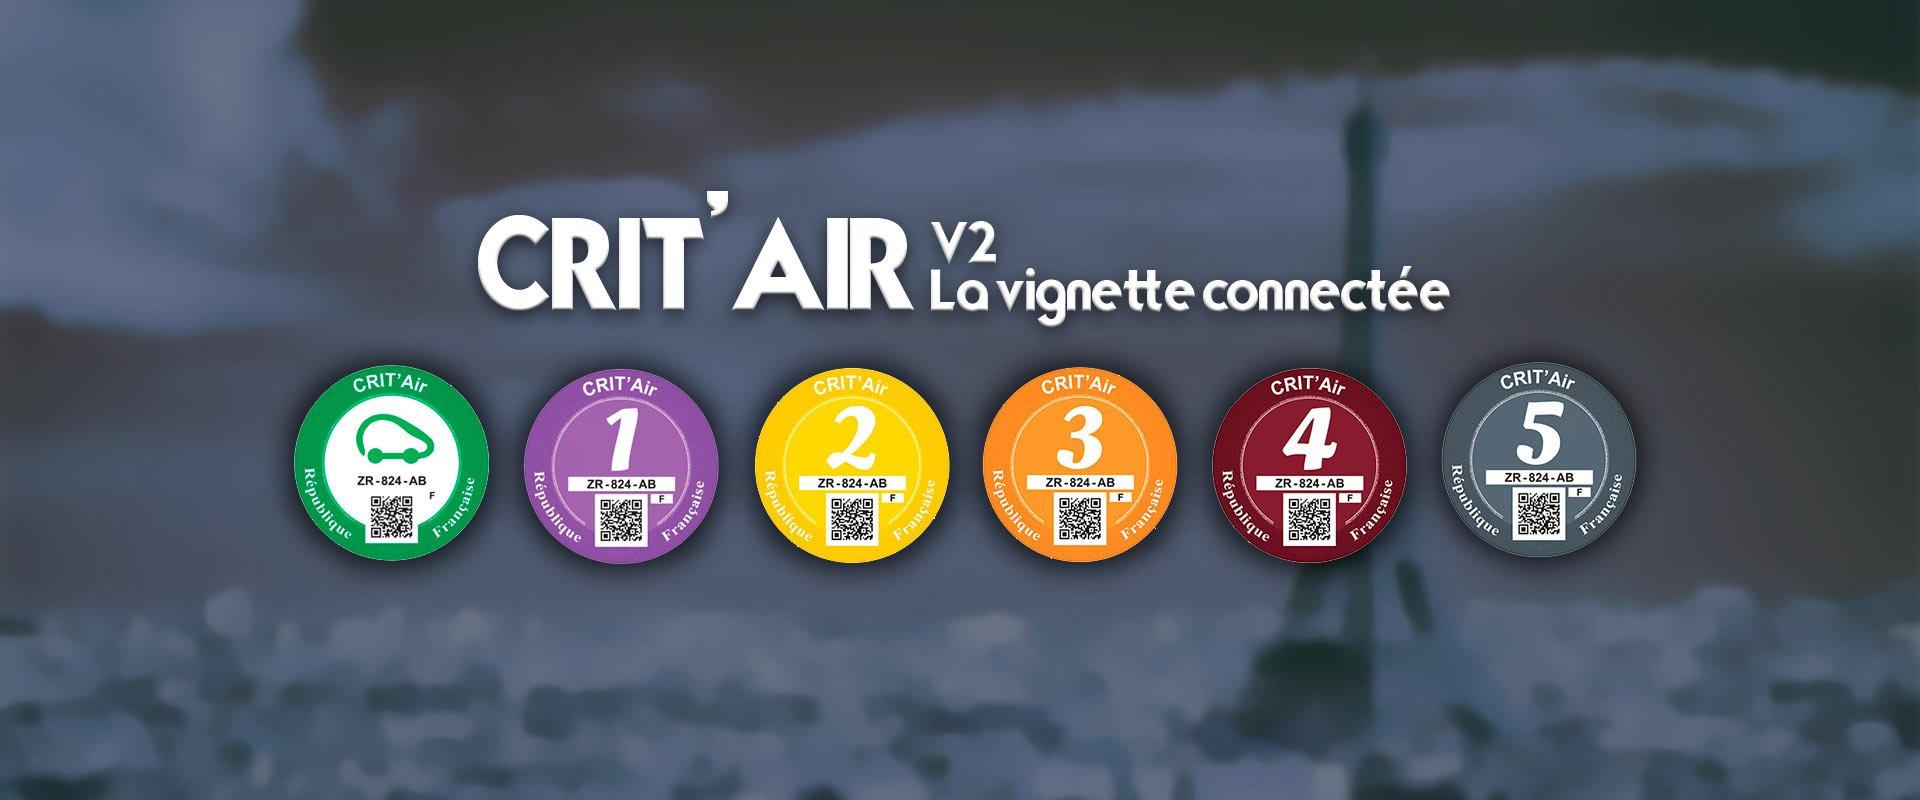 vignette Crit'Air connectée